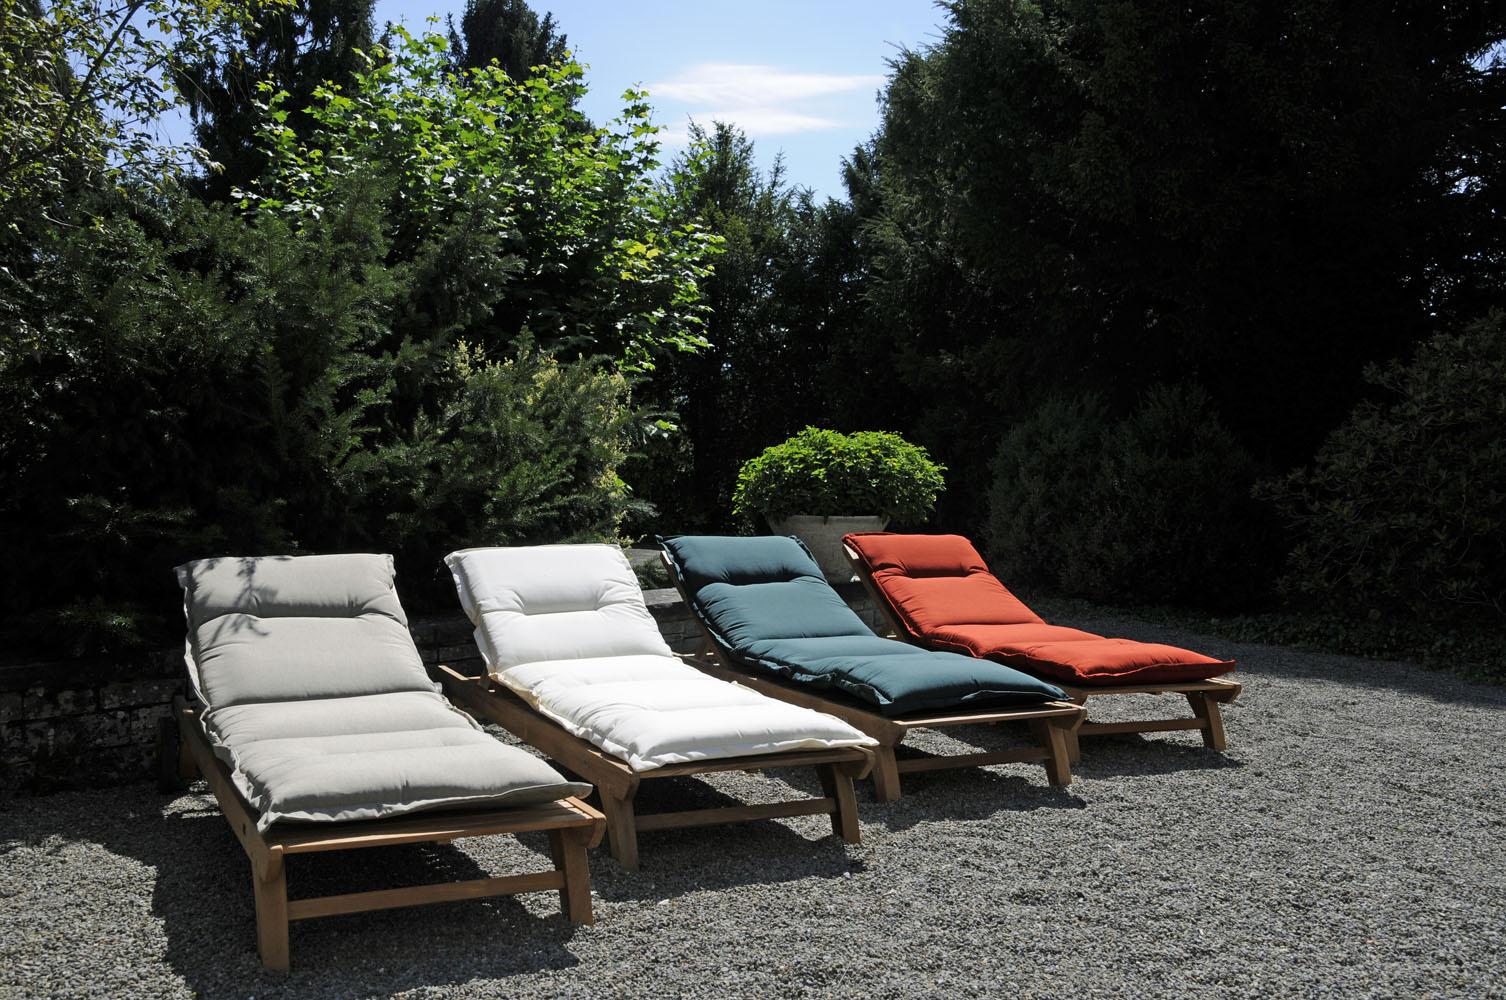 polster auflage f r deckchair liege. Black Bedroom Furniture Sets. Home Design Ideas